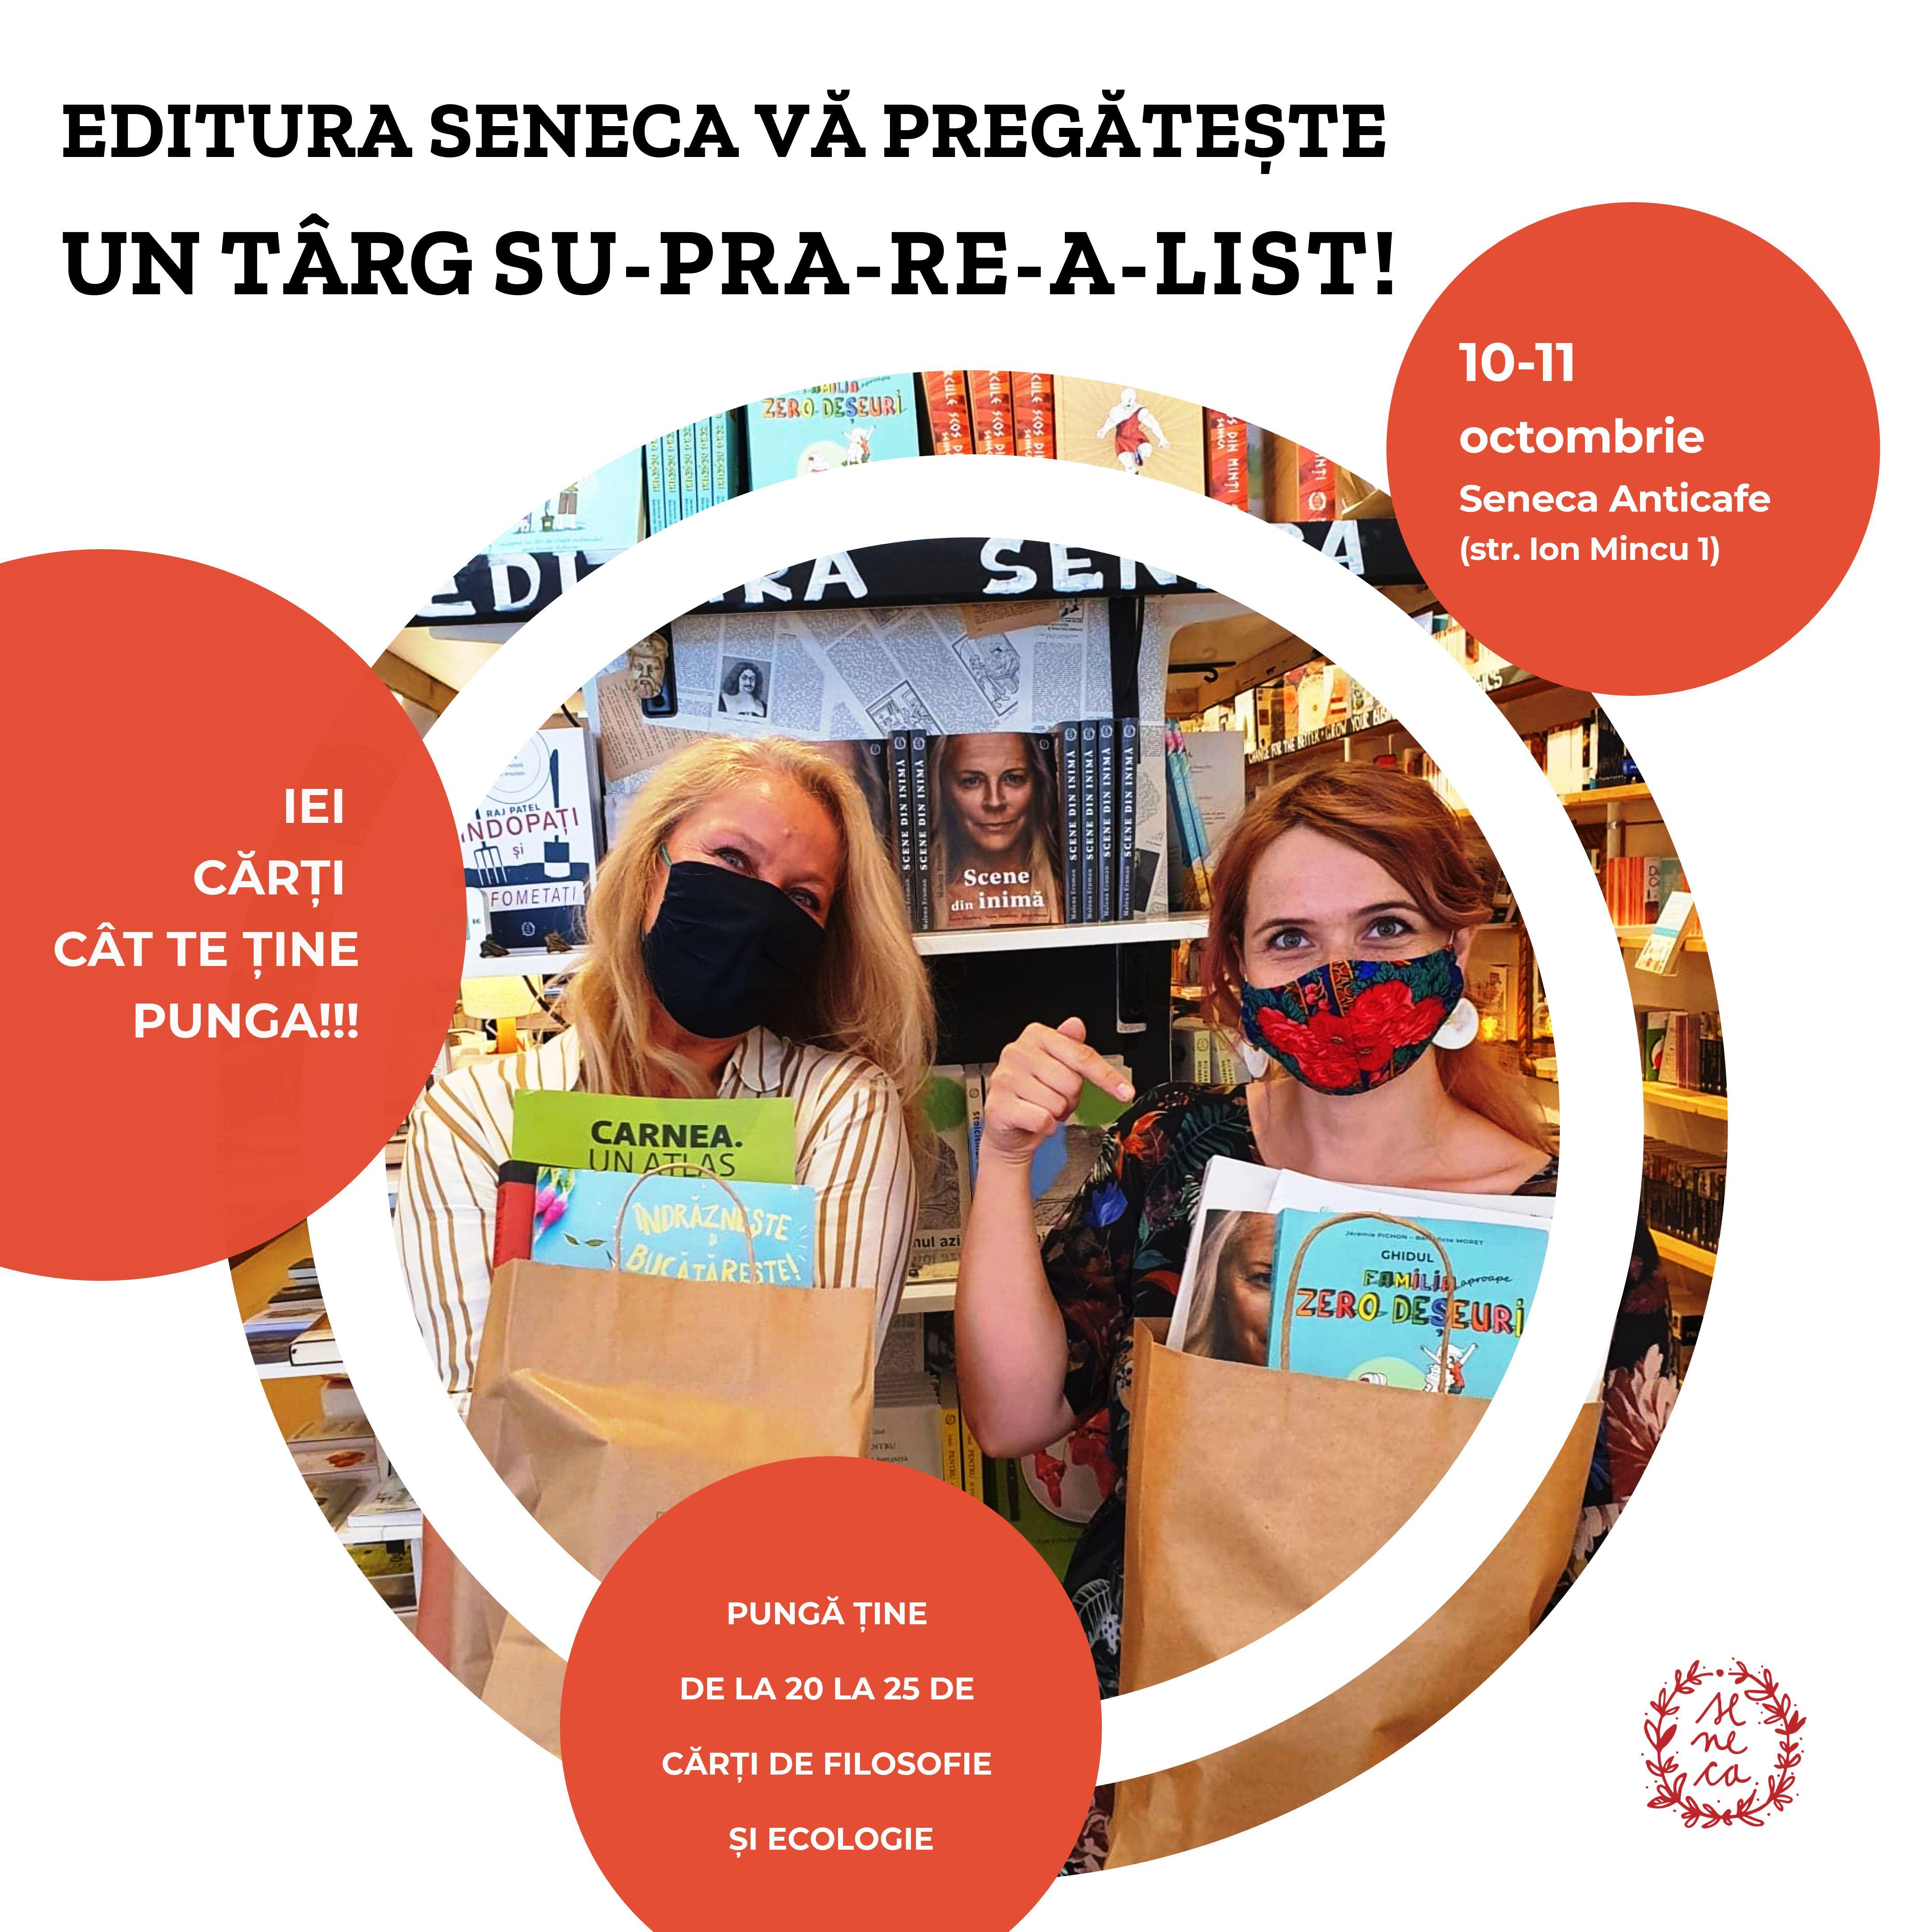 Târg suprarealist cu cărți gratis la Seneca Anticafe